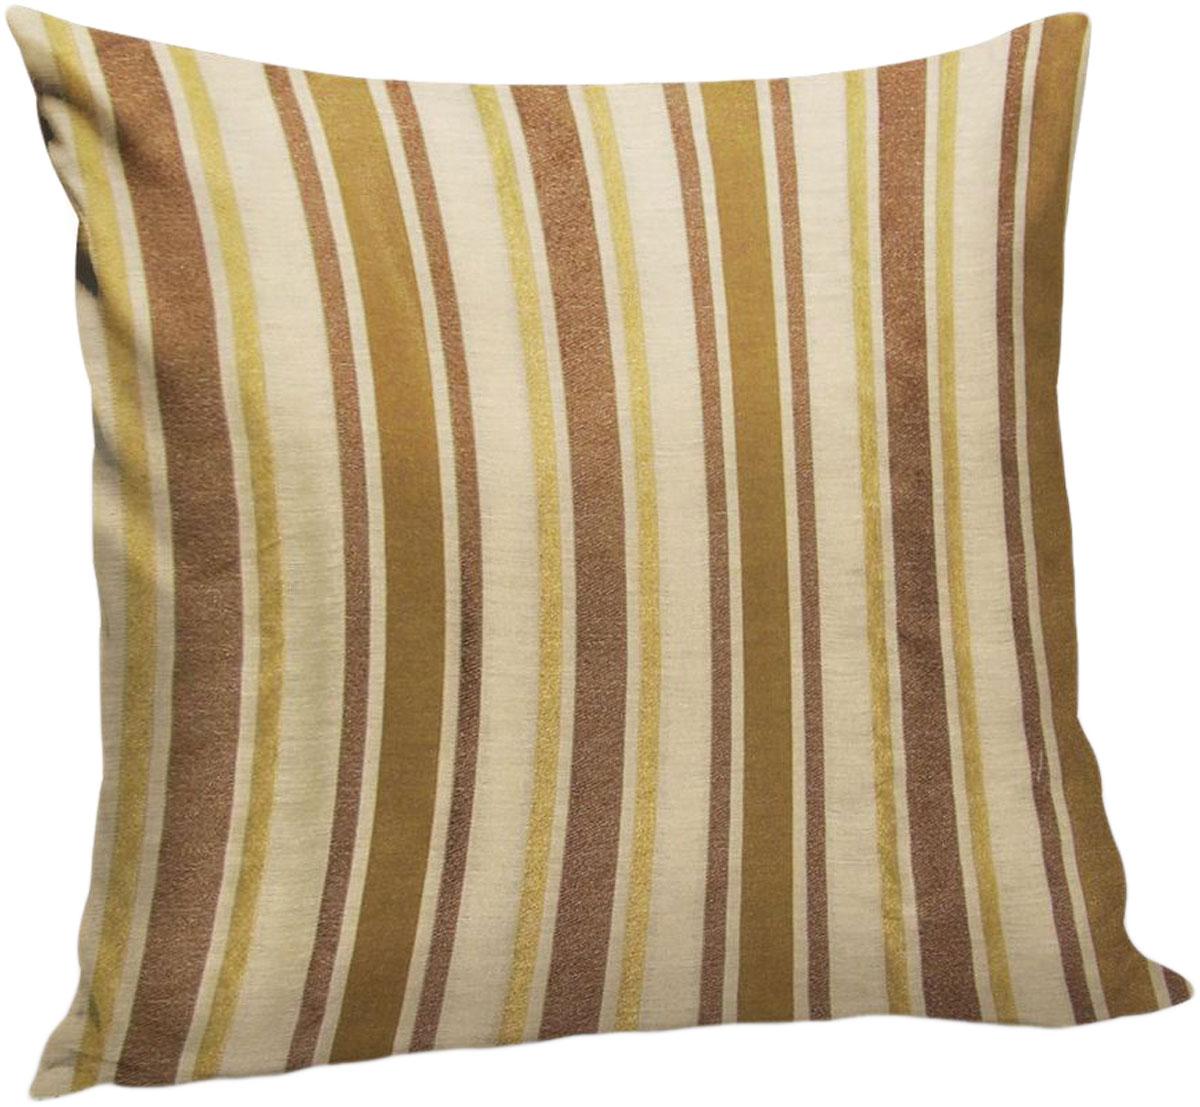 """Декоративная подушка """"Корсика"""" прекрасно дополнит интерьер спальни или гостиной.  Чехол  подушки выполнен из жаккардовой ткани. Внутри находится мягкий наполнитель. Чехол  легко  снимается  благодаря потайной молнии."""